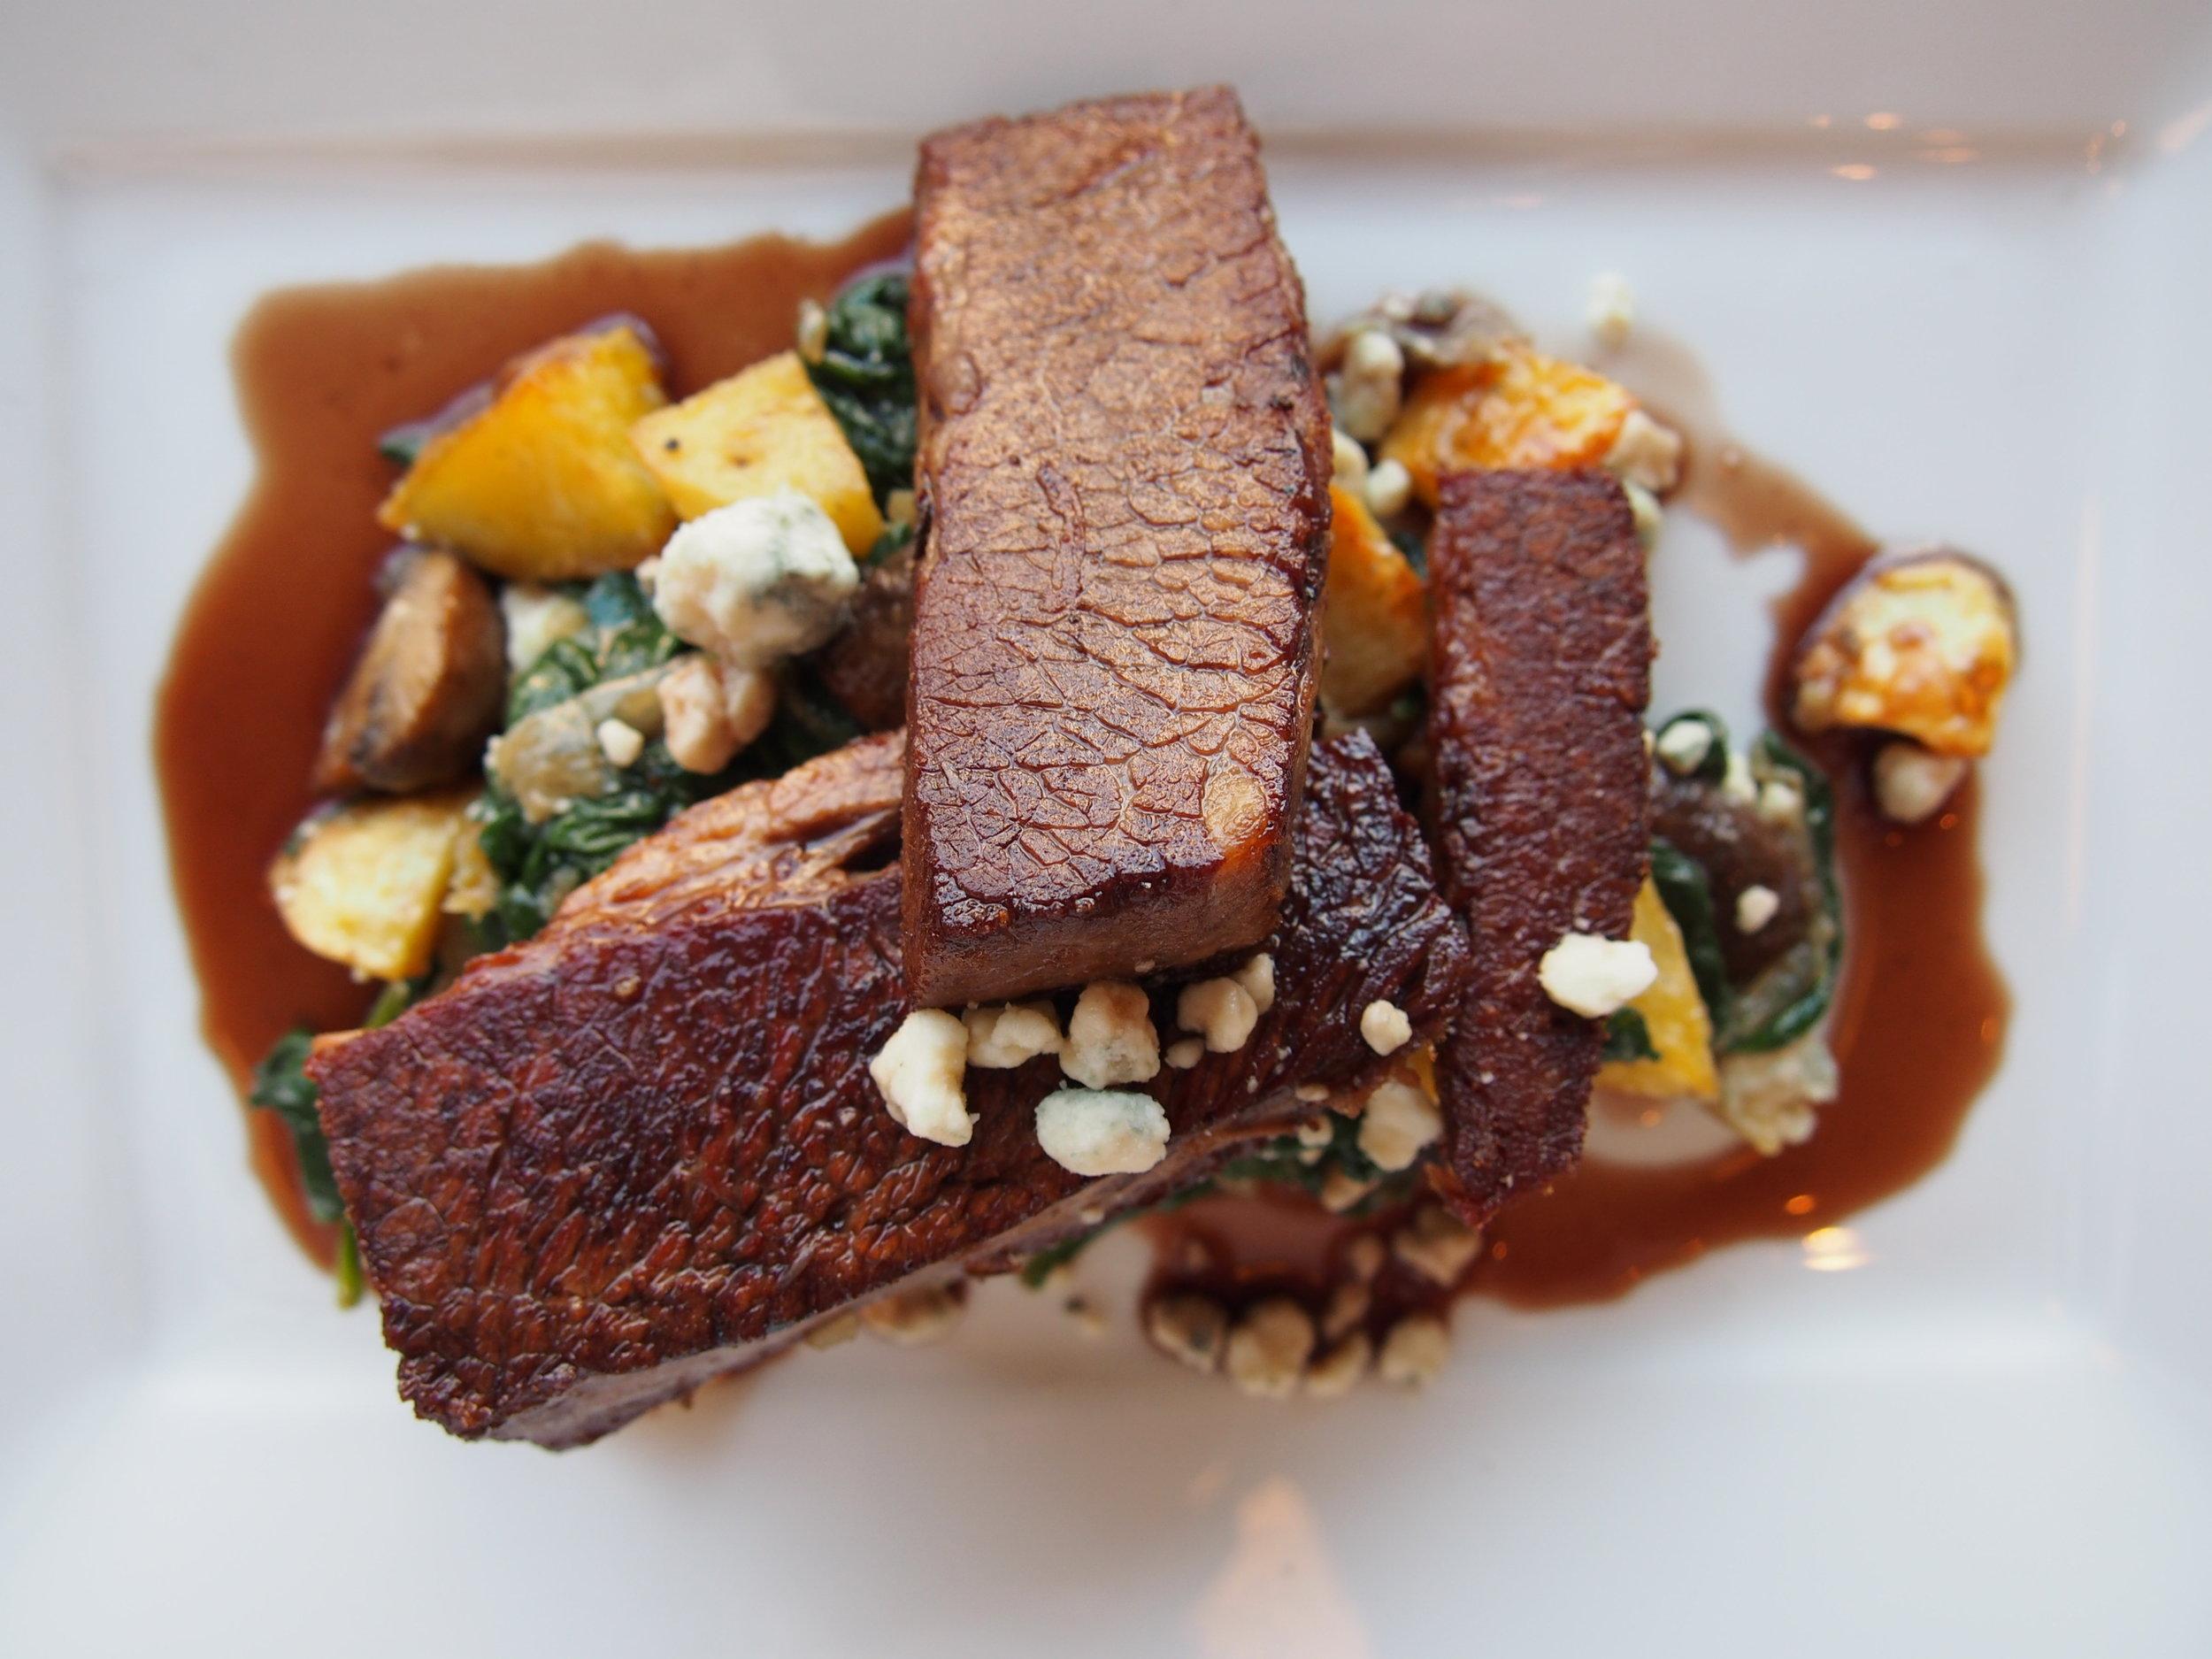 Beef, Brisket, Potatoes, Mushrooms 2.JPG